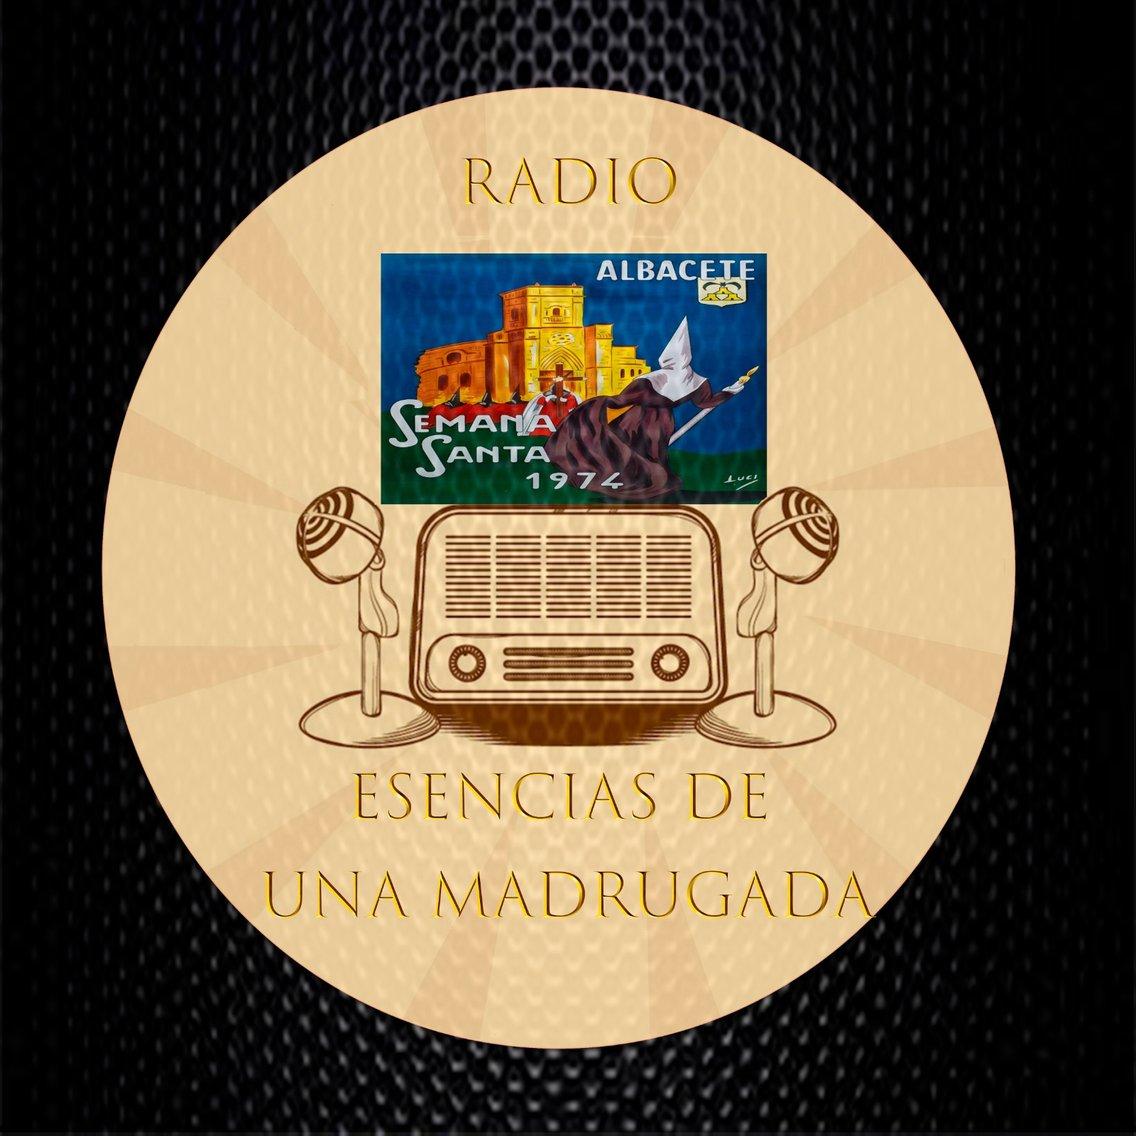 Radio Esencias de una Madrugada - immagine di copertina